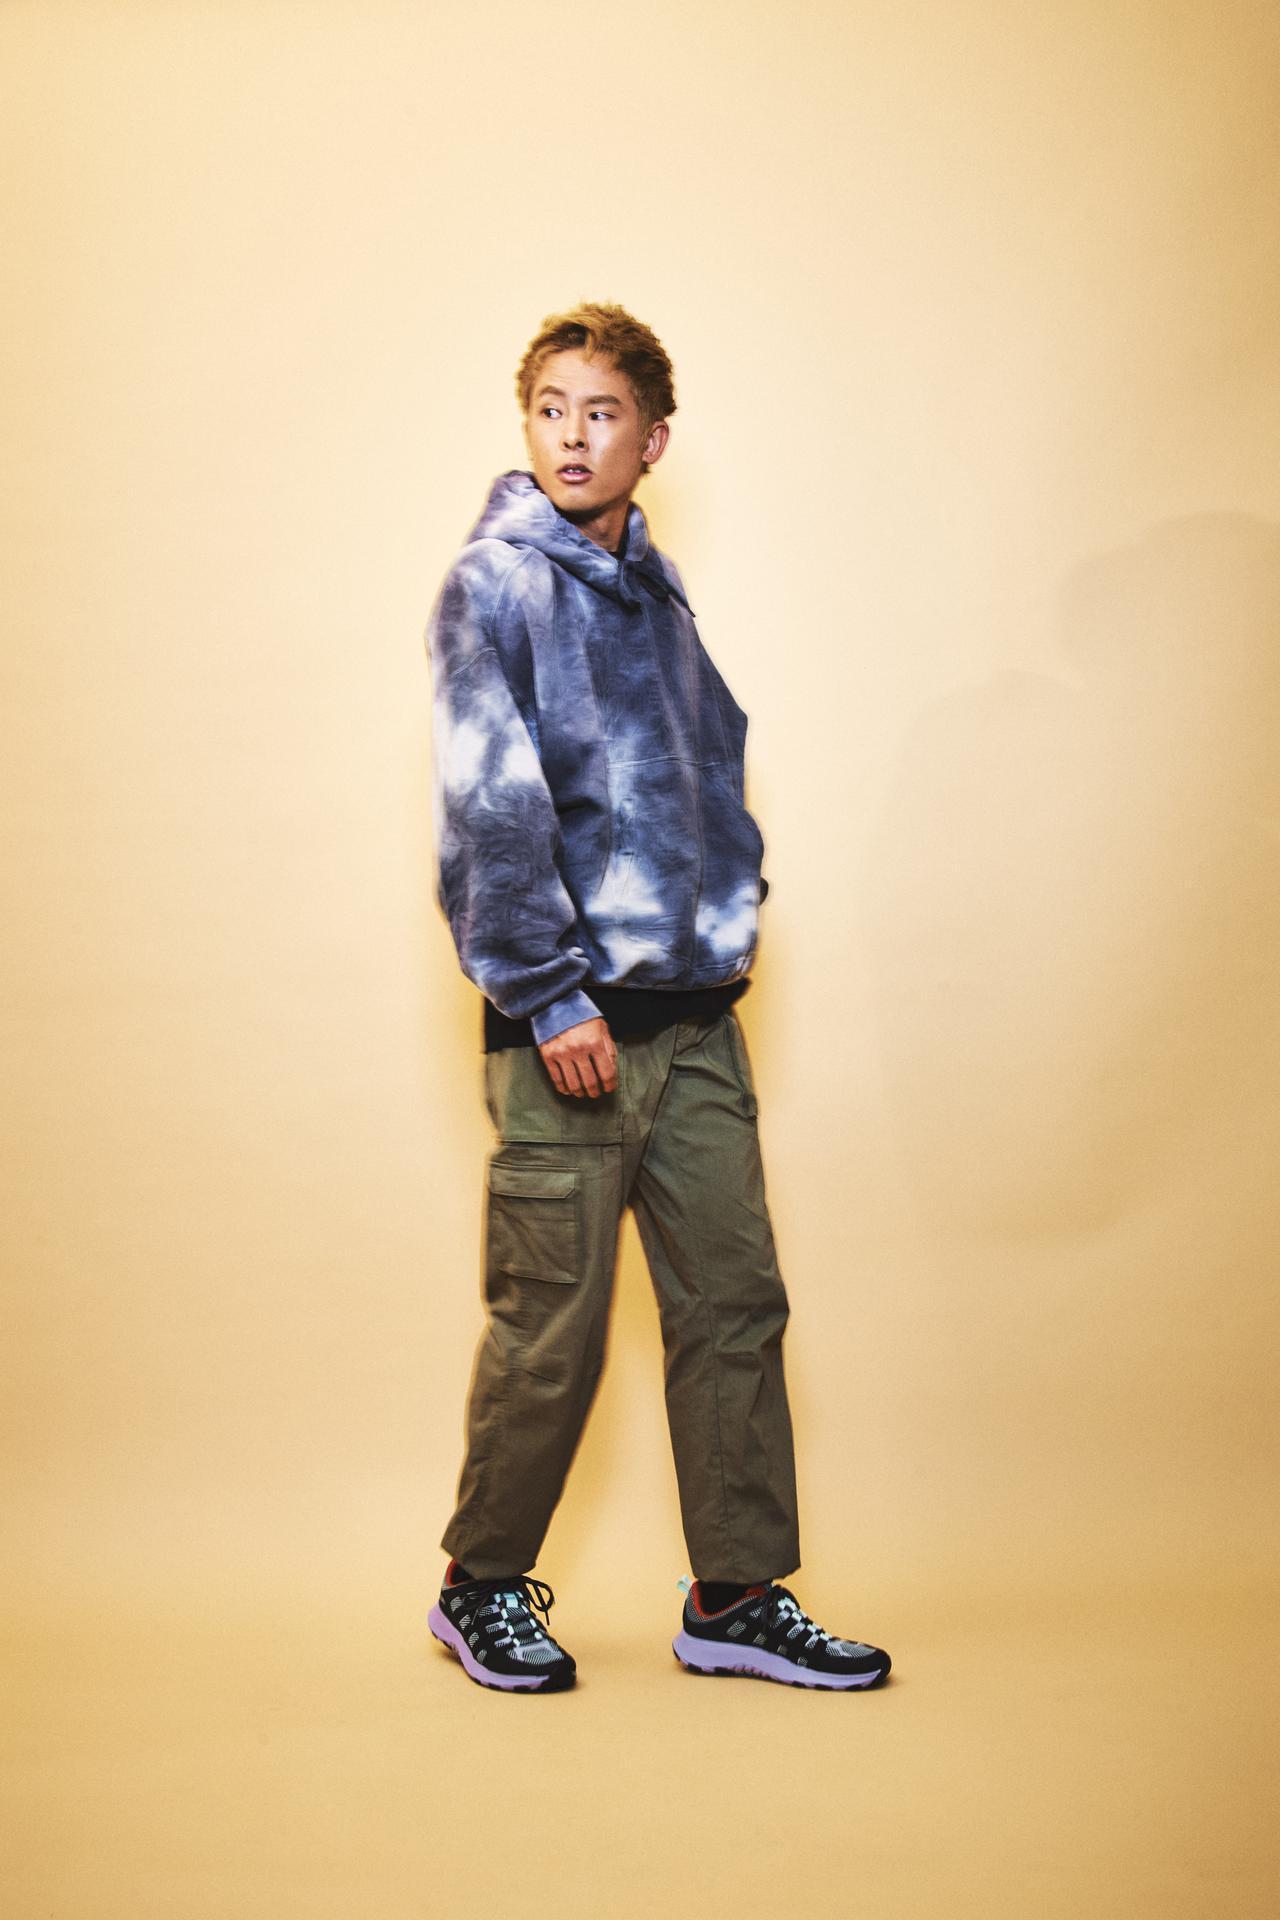 画像2: 【注目リリース】MERRELL(メレル)から4WAYストレッチカーゴパンツ「UNISEX CARGO PANT」が新発売!